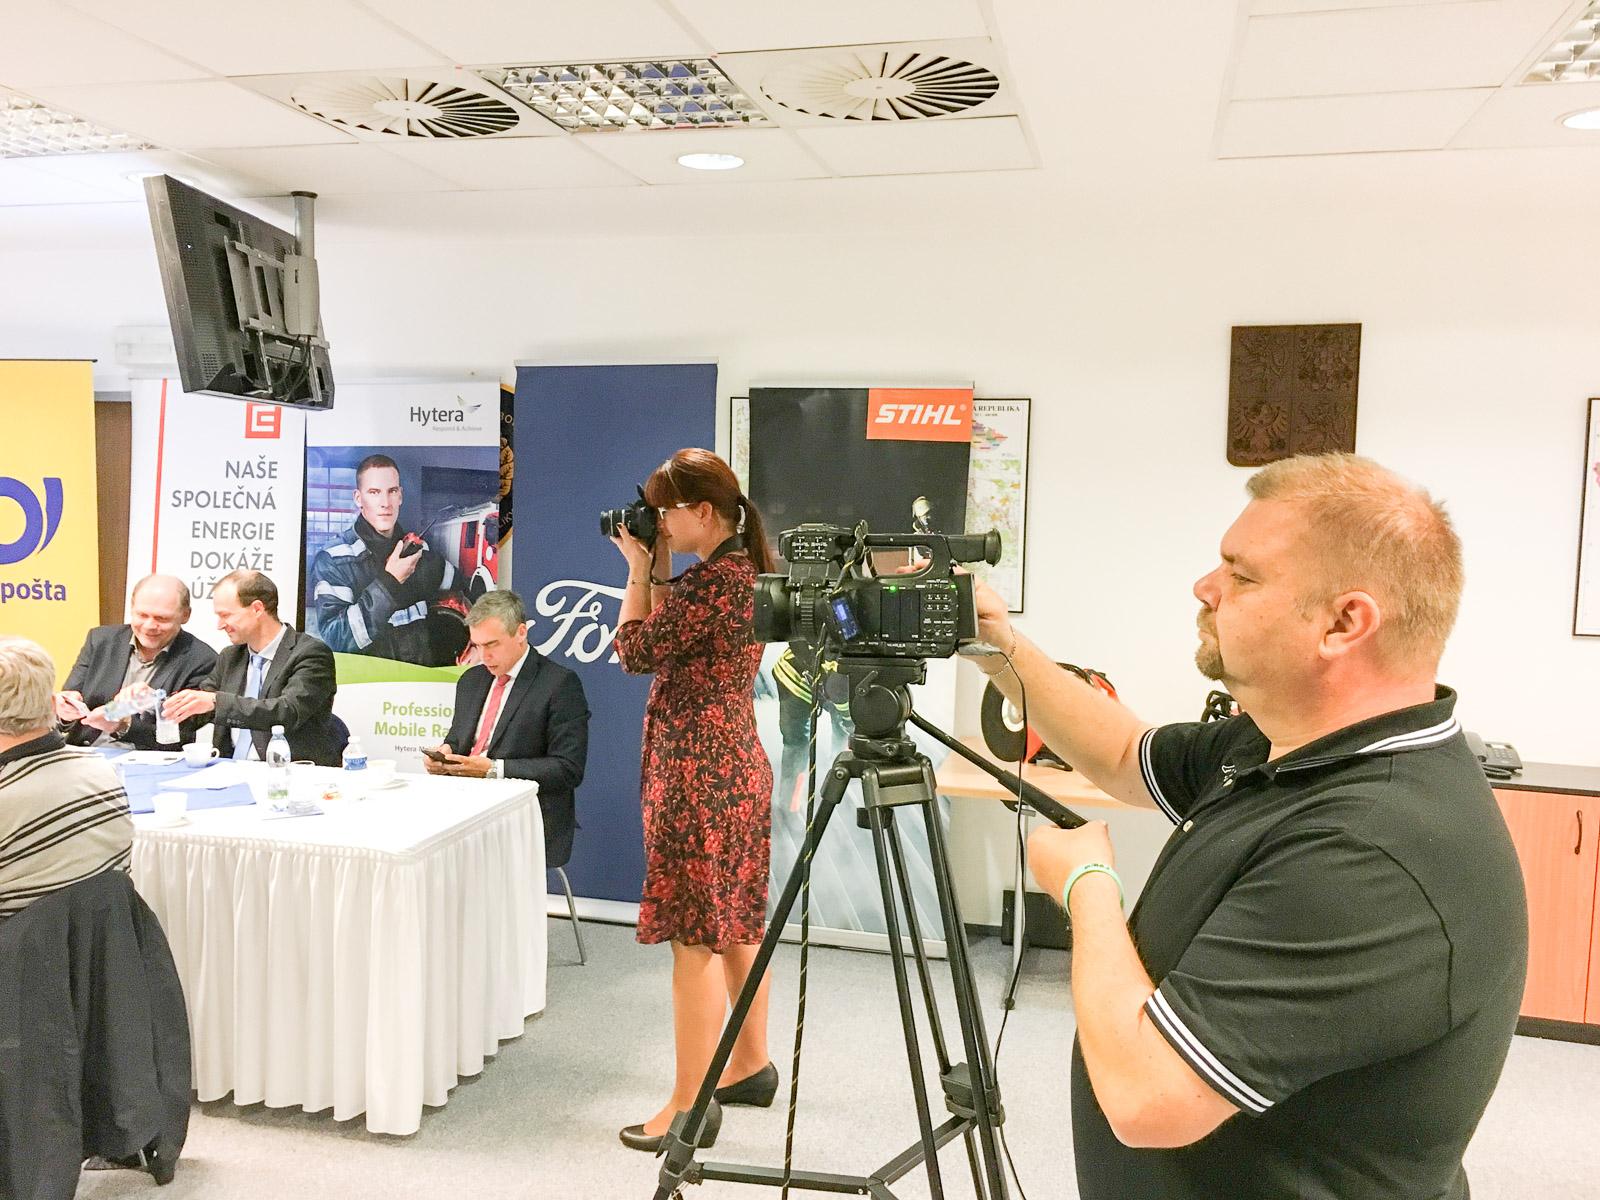 adhr-praha-tiskova-konference-09-15-2017--3